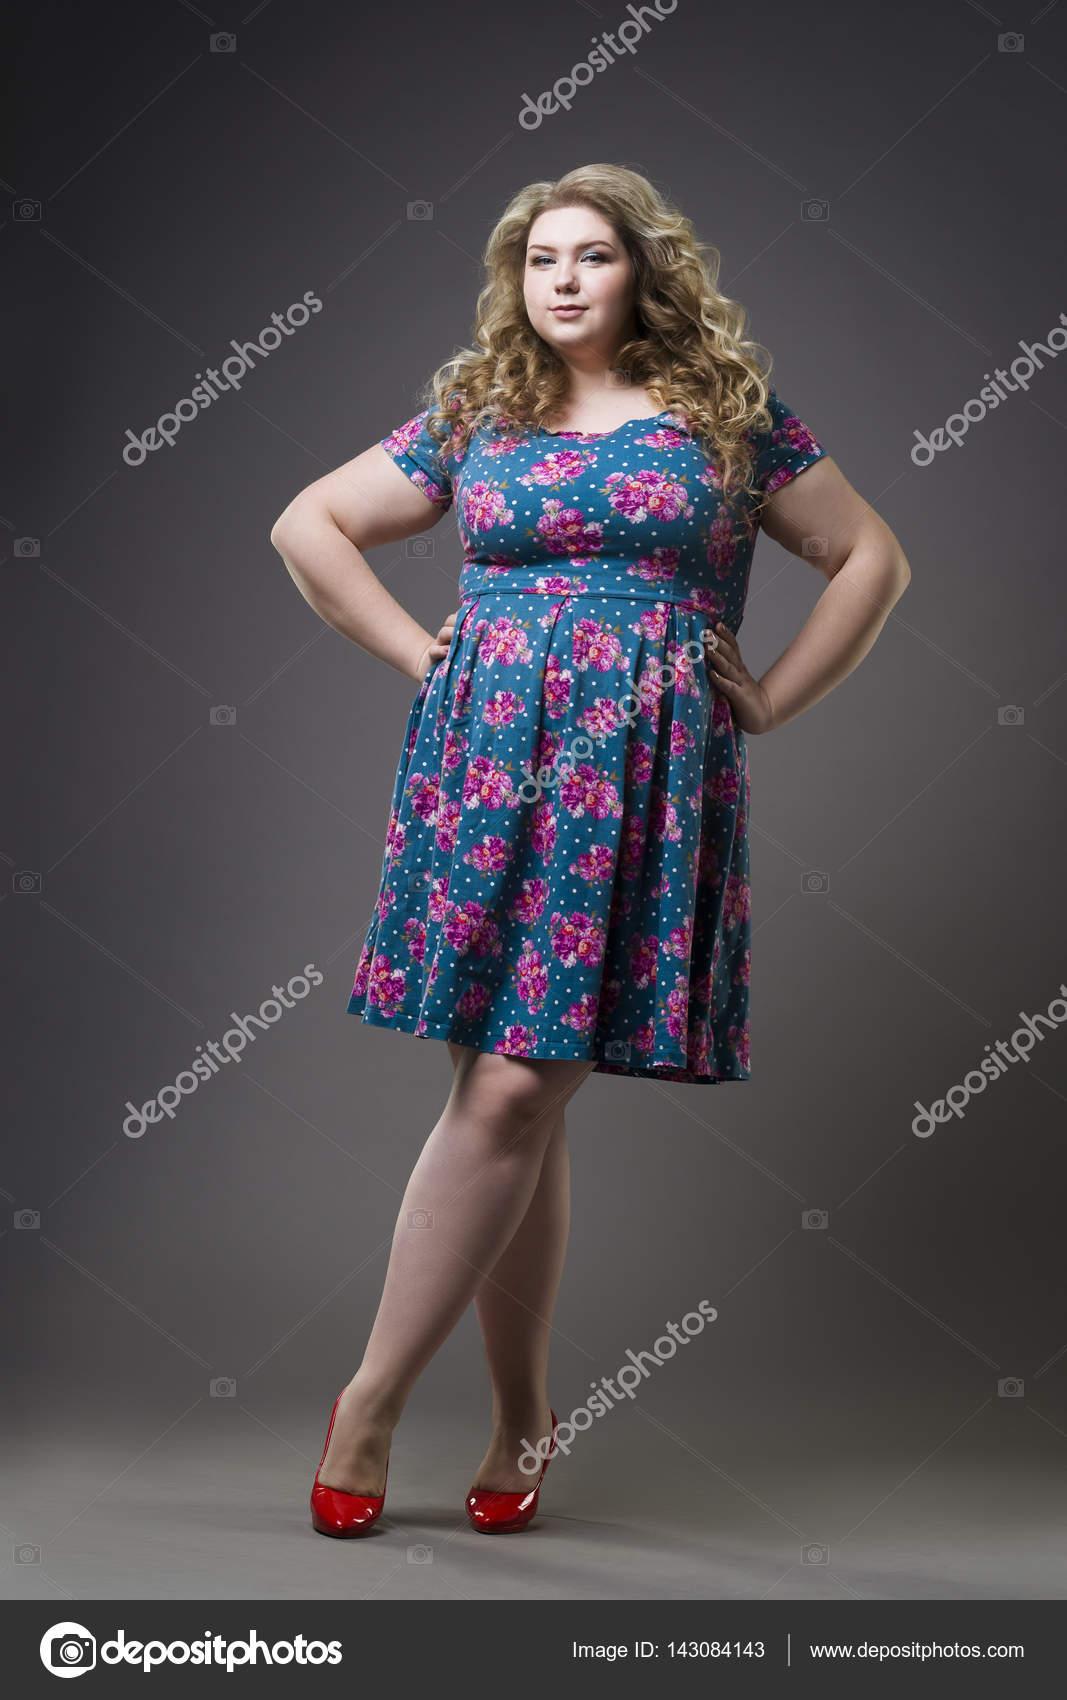 cheap for discount 56a44 7e77a Junge schöne glückliche Blondine plus -Size-Model im Kleid ...